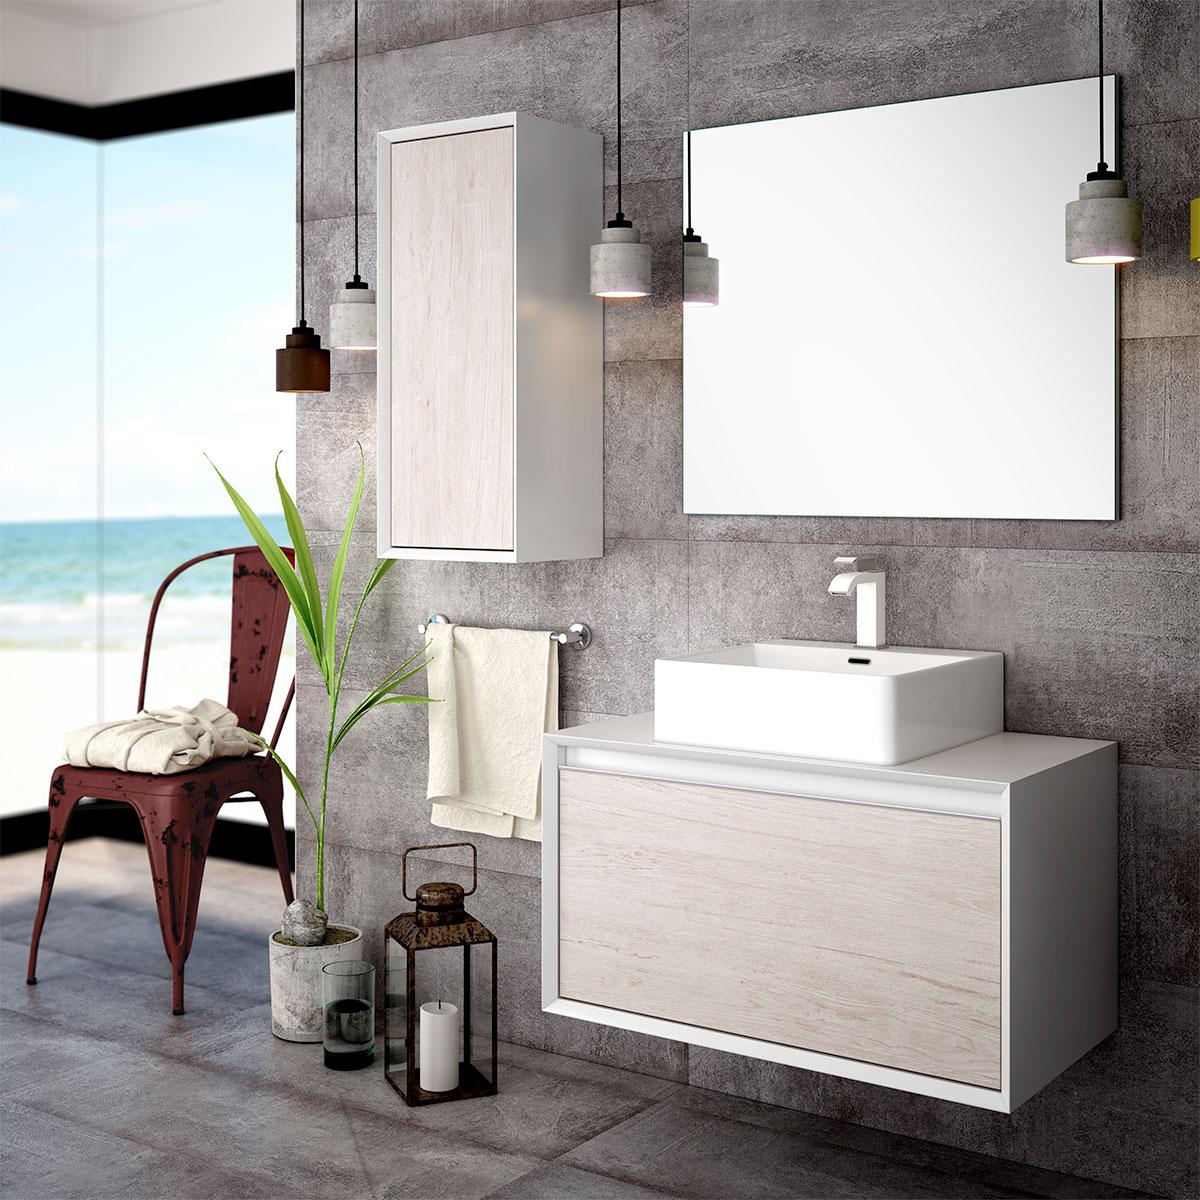 muebles azor bathroom cabinets